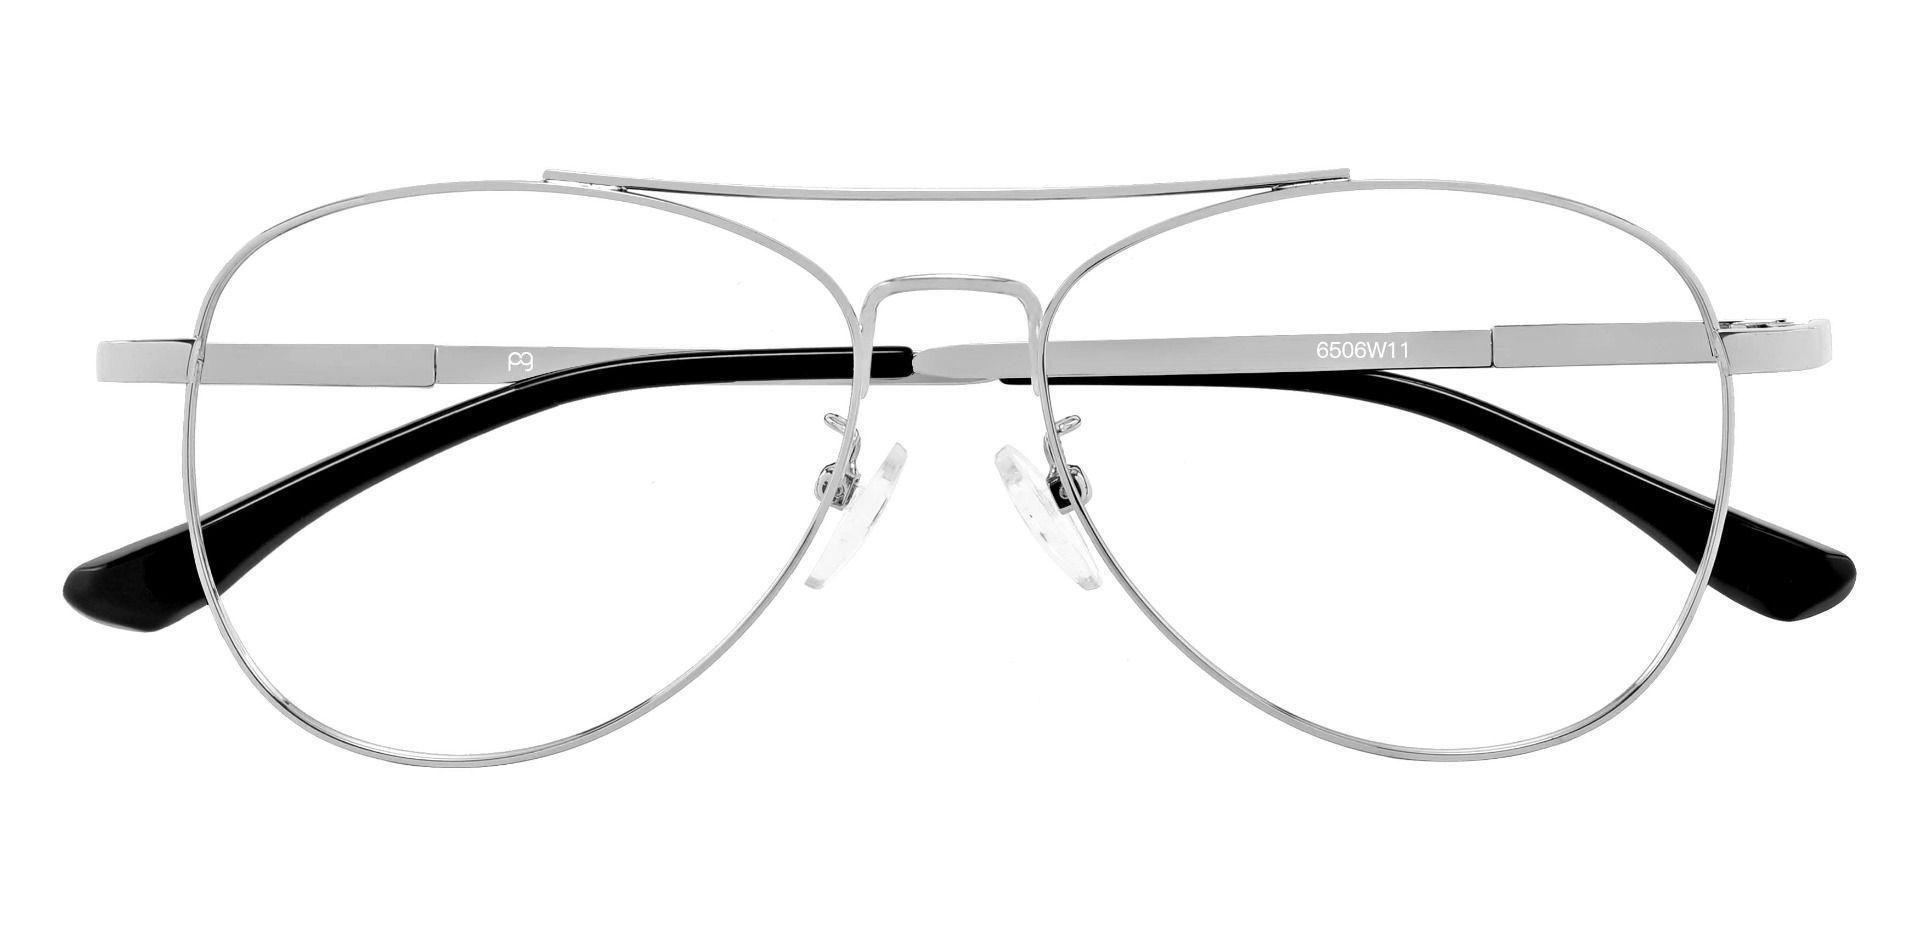 Sterling Aviator Prescription Glasses - Silver